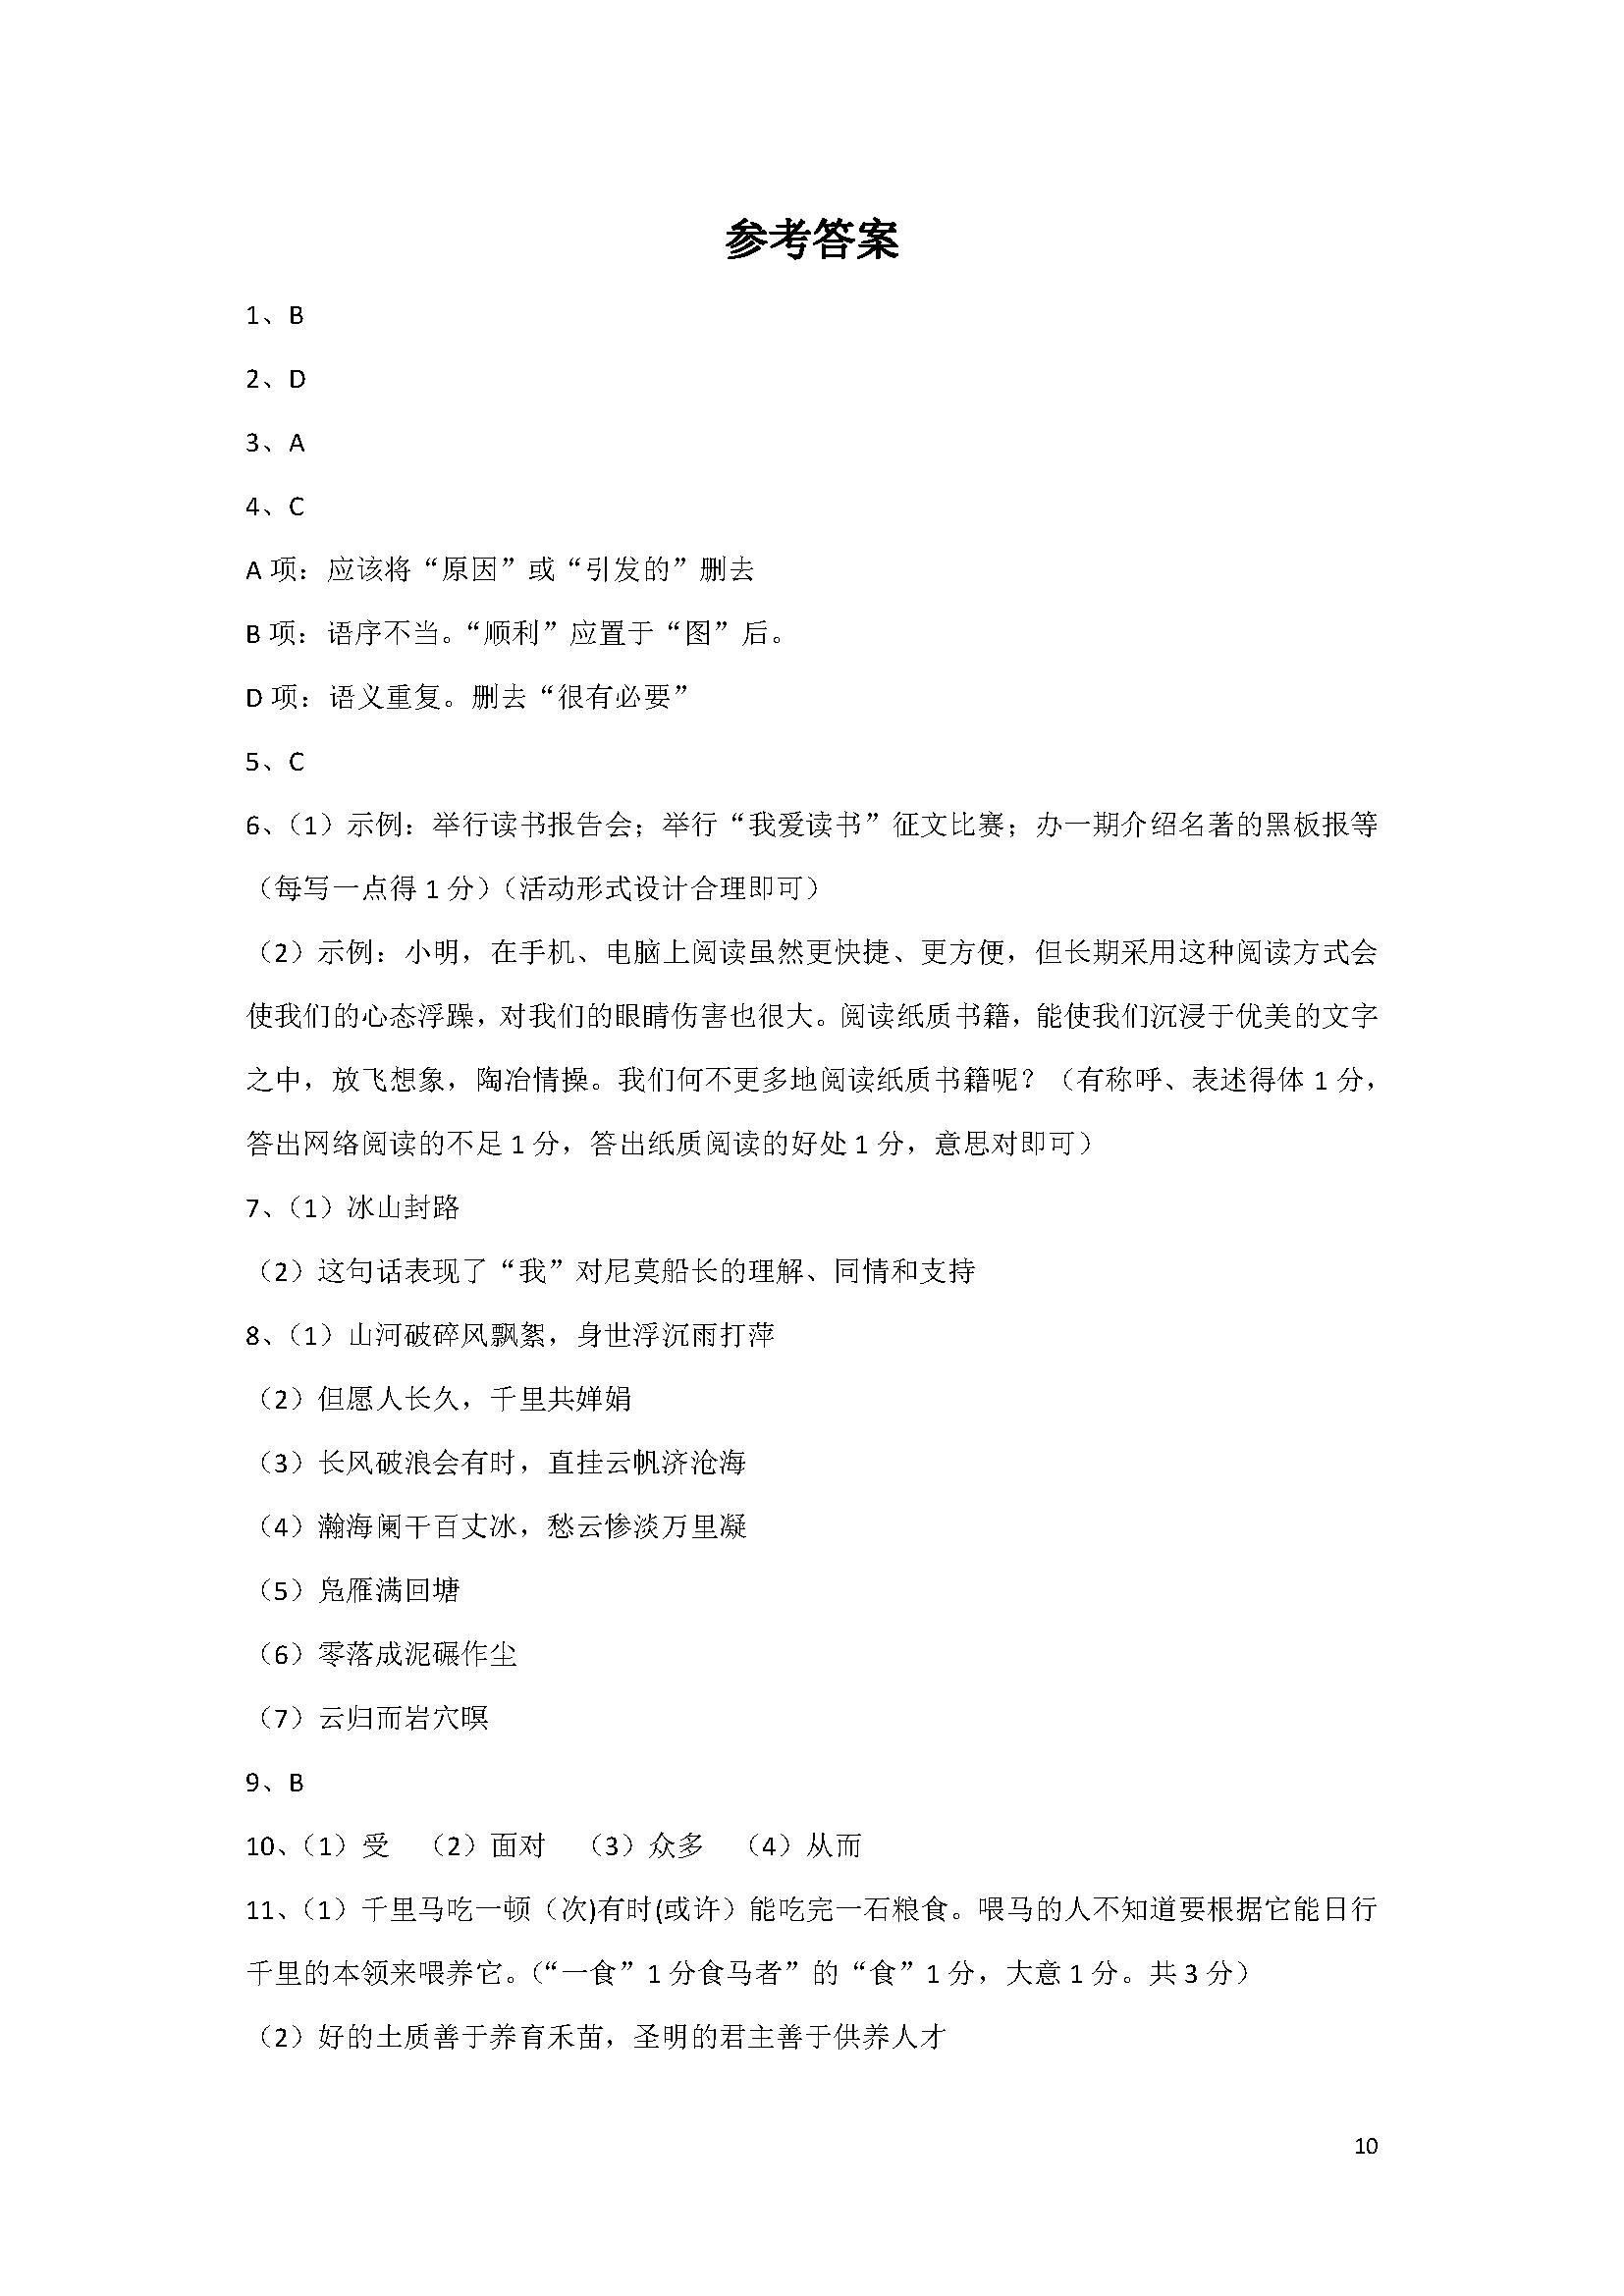 山东莱芜陈毅学校2016-2017上初三12月月考语文试题答案(Word版)